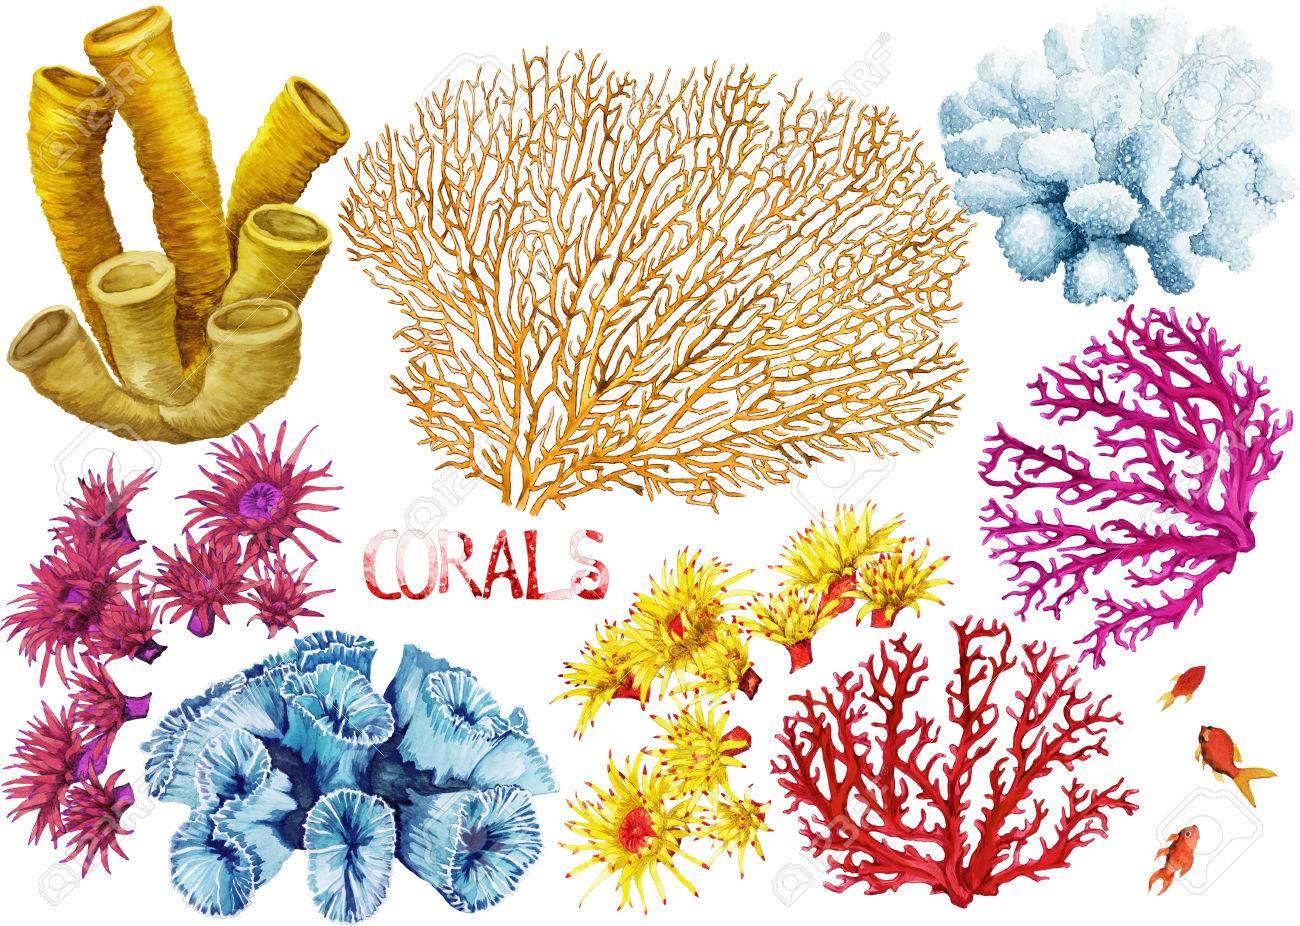 Aquarell Handgezeichneten Korallen Auf Weißem Hintergrund